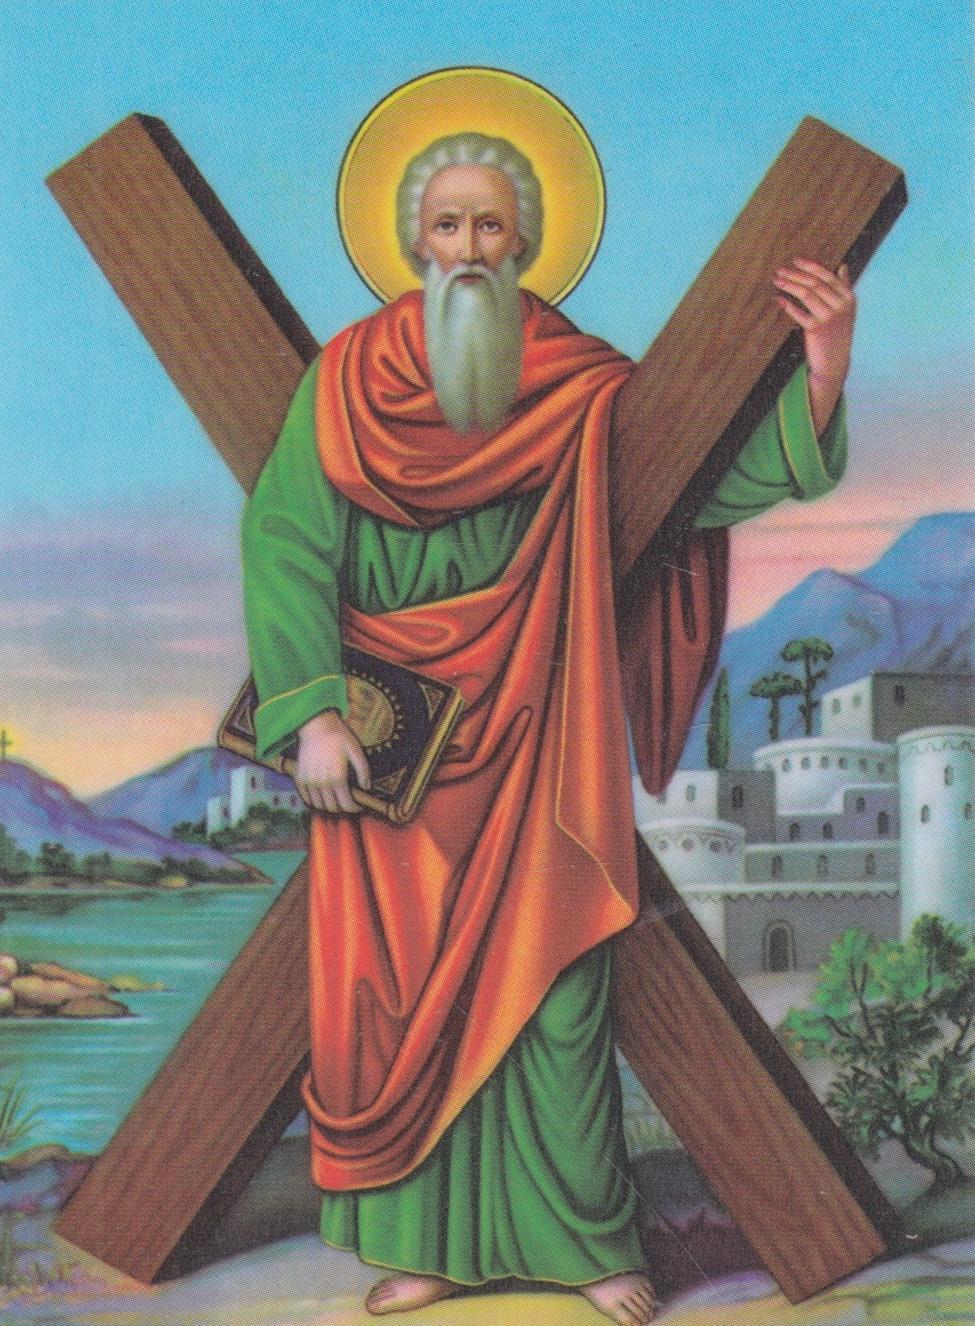 saint-Apostle-Andrew-one-of-the-12-apostles